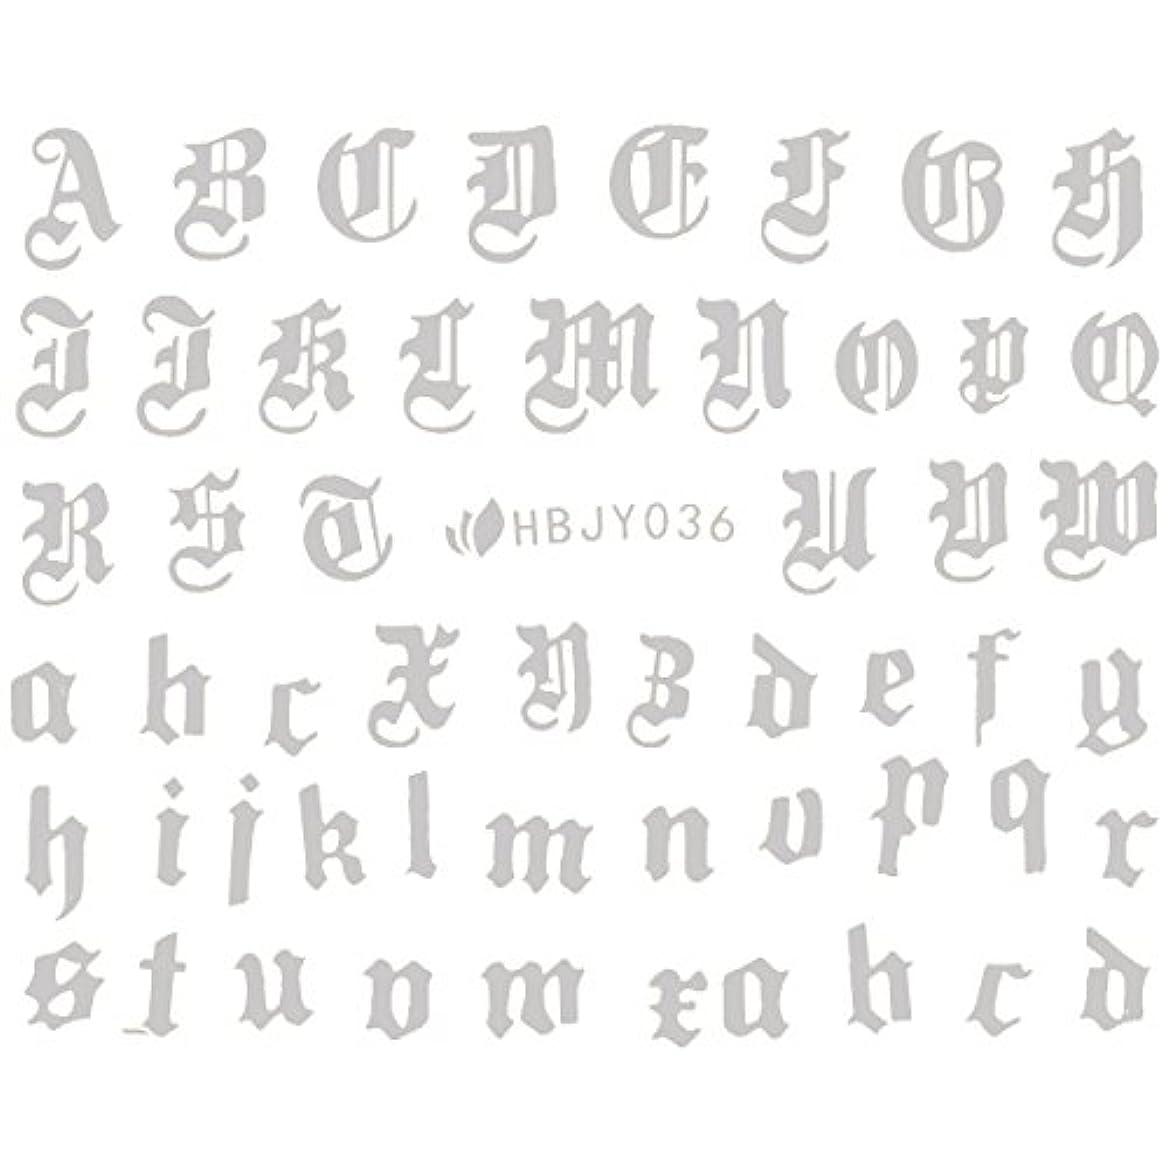 自分のために卑しい物足りないネイルシール アルファベット 文字 ブラック/ホワイト/ゴールド/シルバー 選べる80種 (シルバーSP, 09)